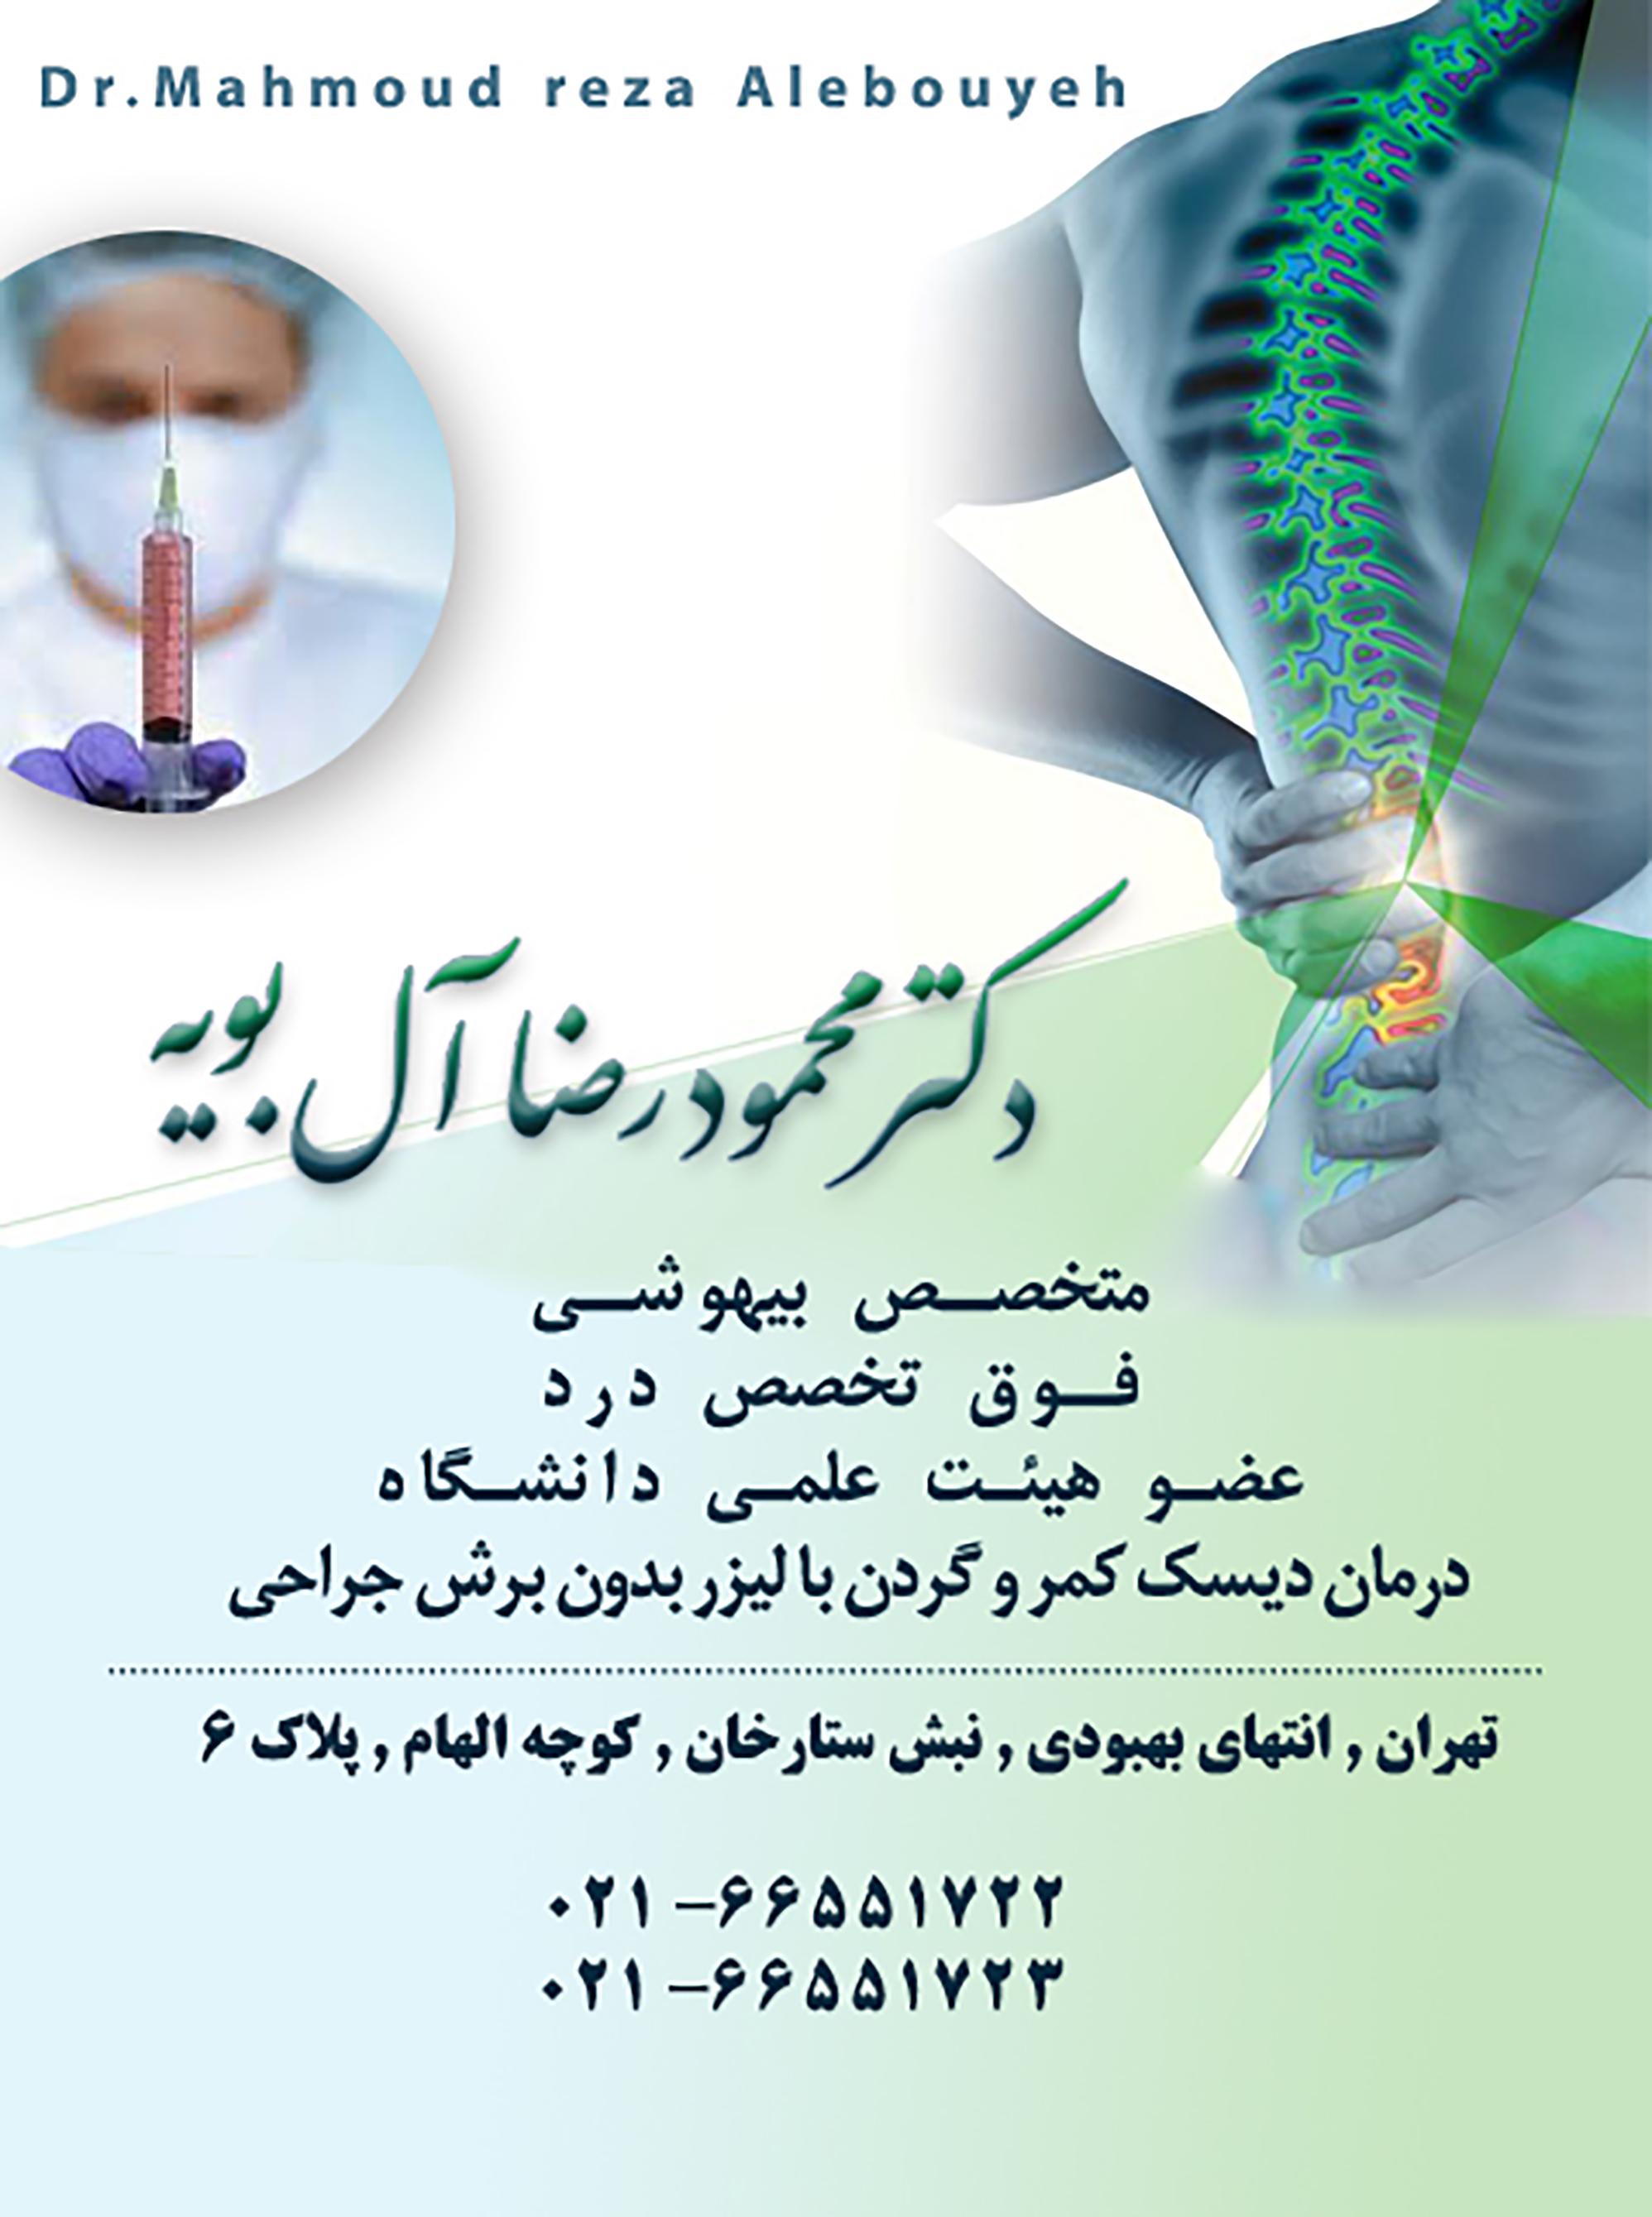 دکترمحمودرضا آل بویه در تهران